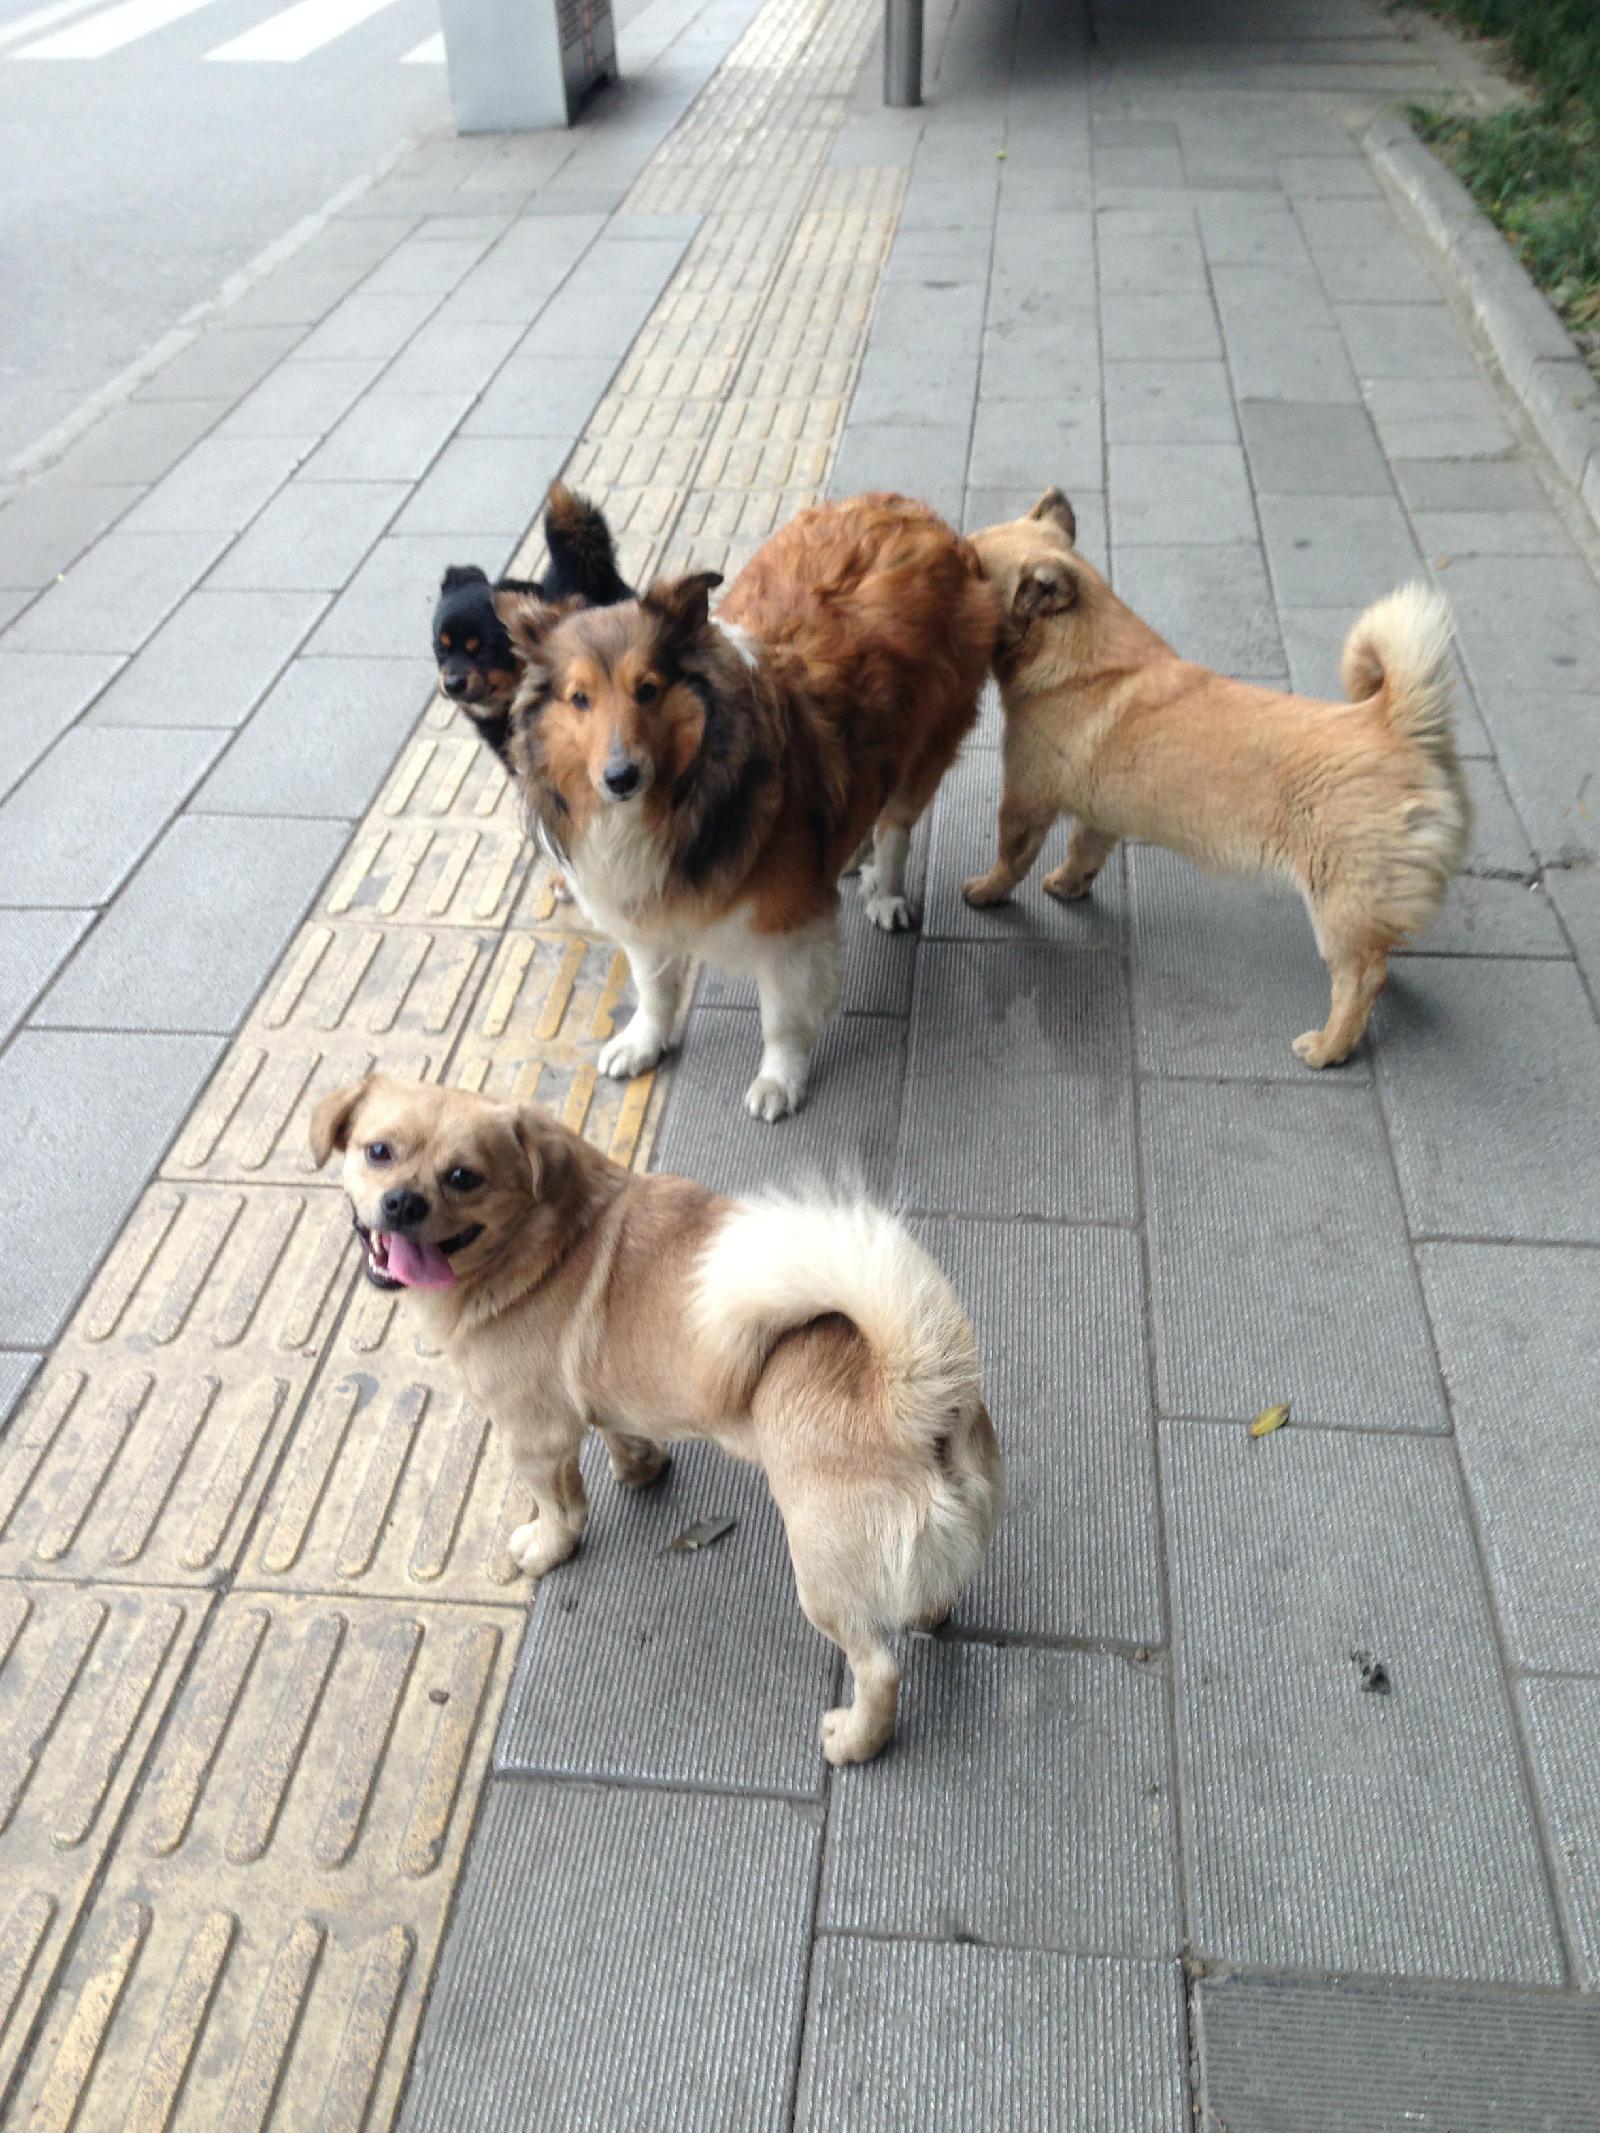 狗猩交配视频_动物世界性行为群狗_人和动物性行为_动物性行为大全_动物性 ...